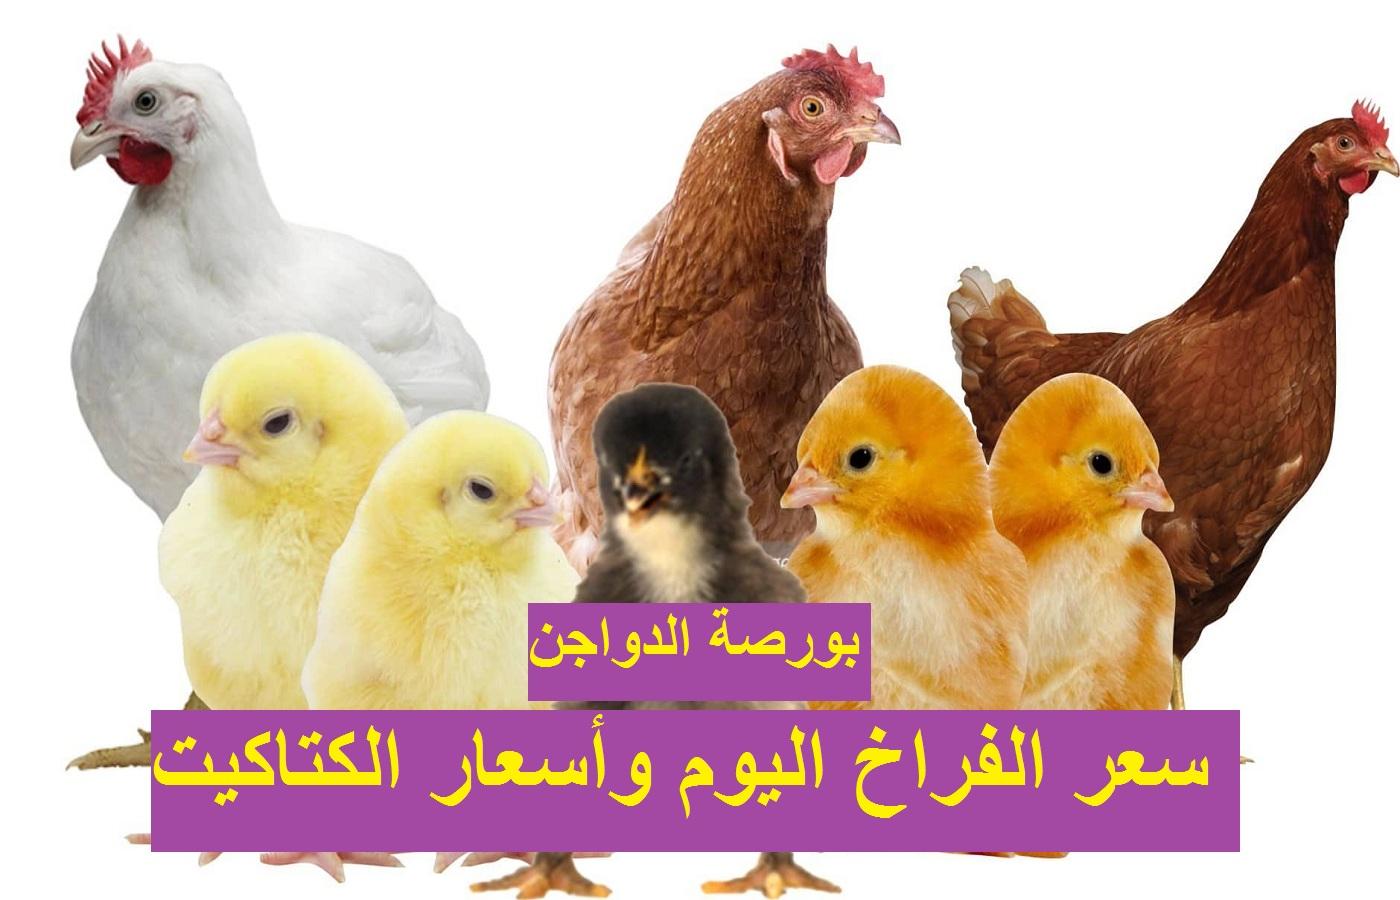 بورصة الدواجن الأحد.. زيادة جديدة في سعر الفراخ البيضاء اليوم 9 مايو والكتكوت الابيض يسجل 2 جنيه 5